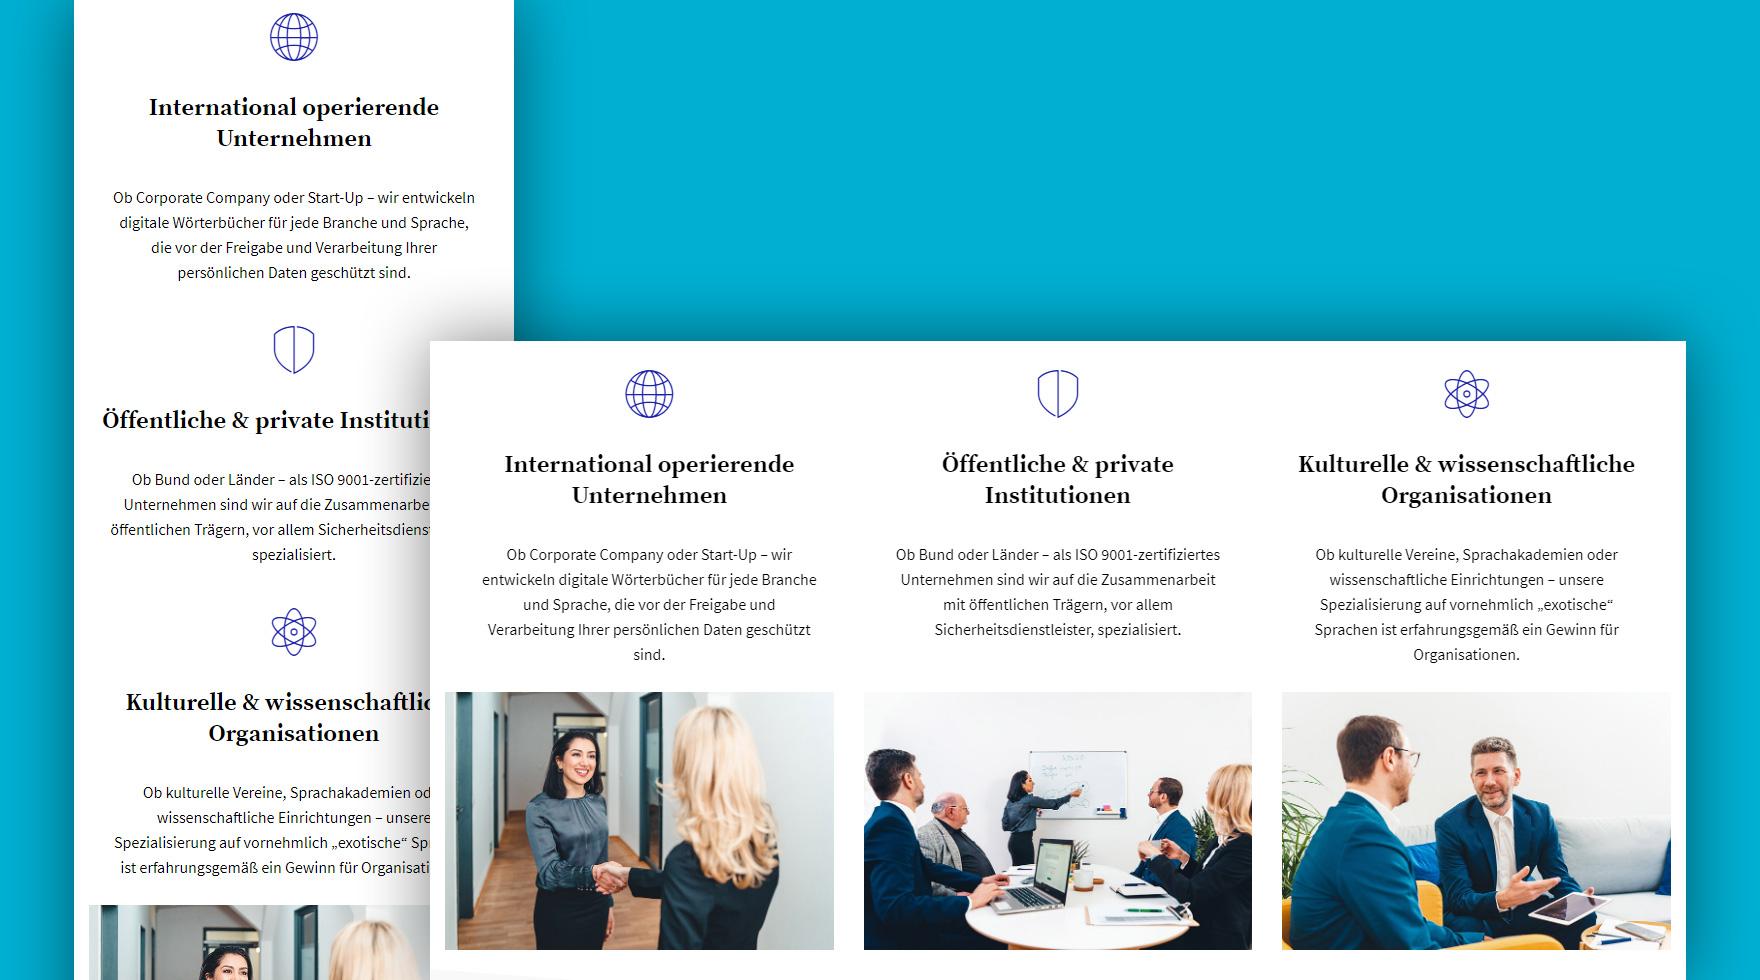 website-design-development-safir-gmbh-berlin-agency